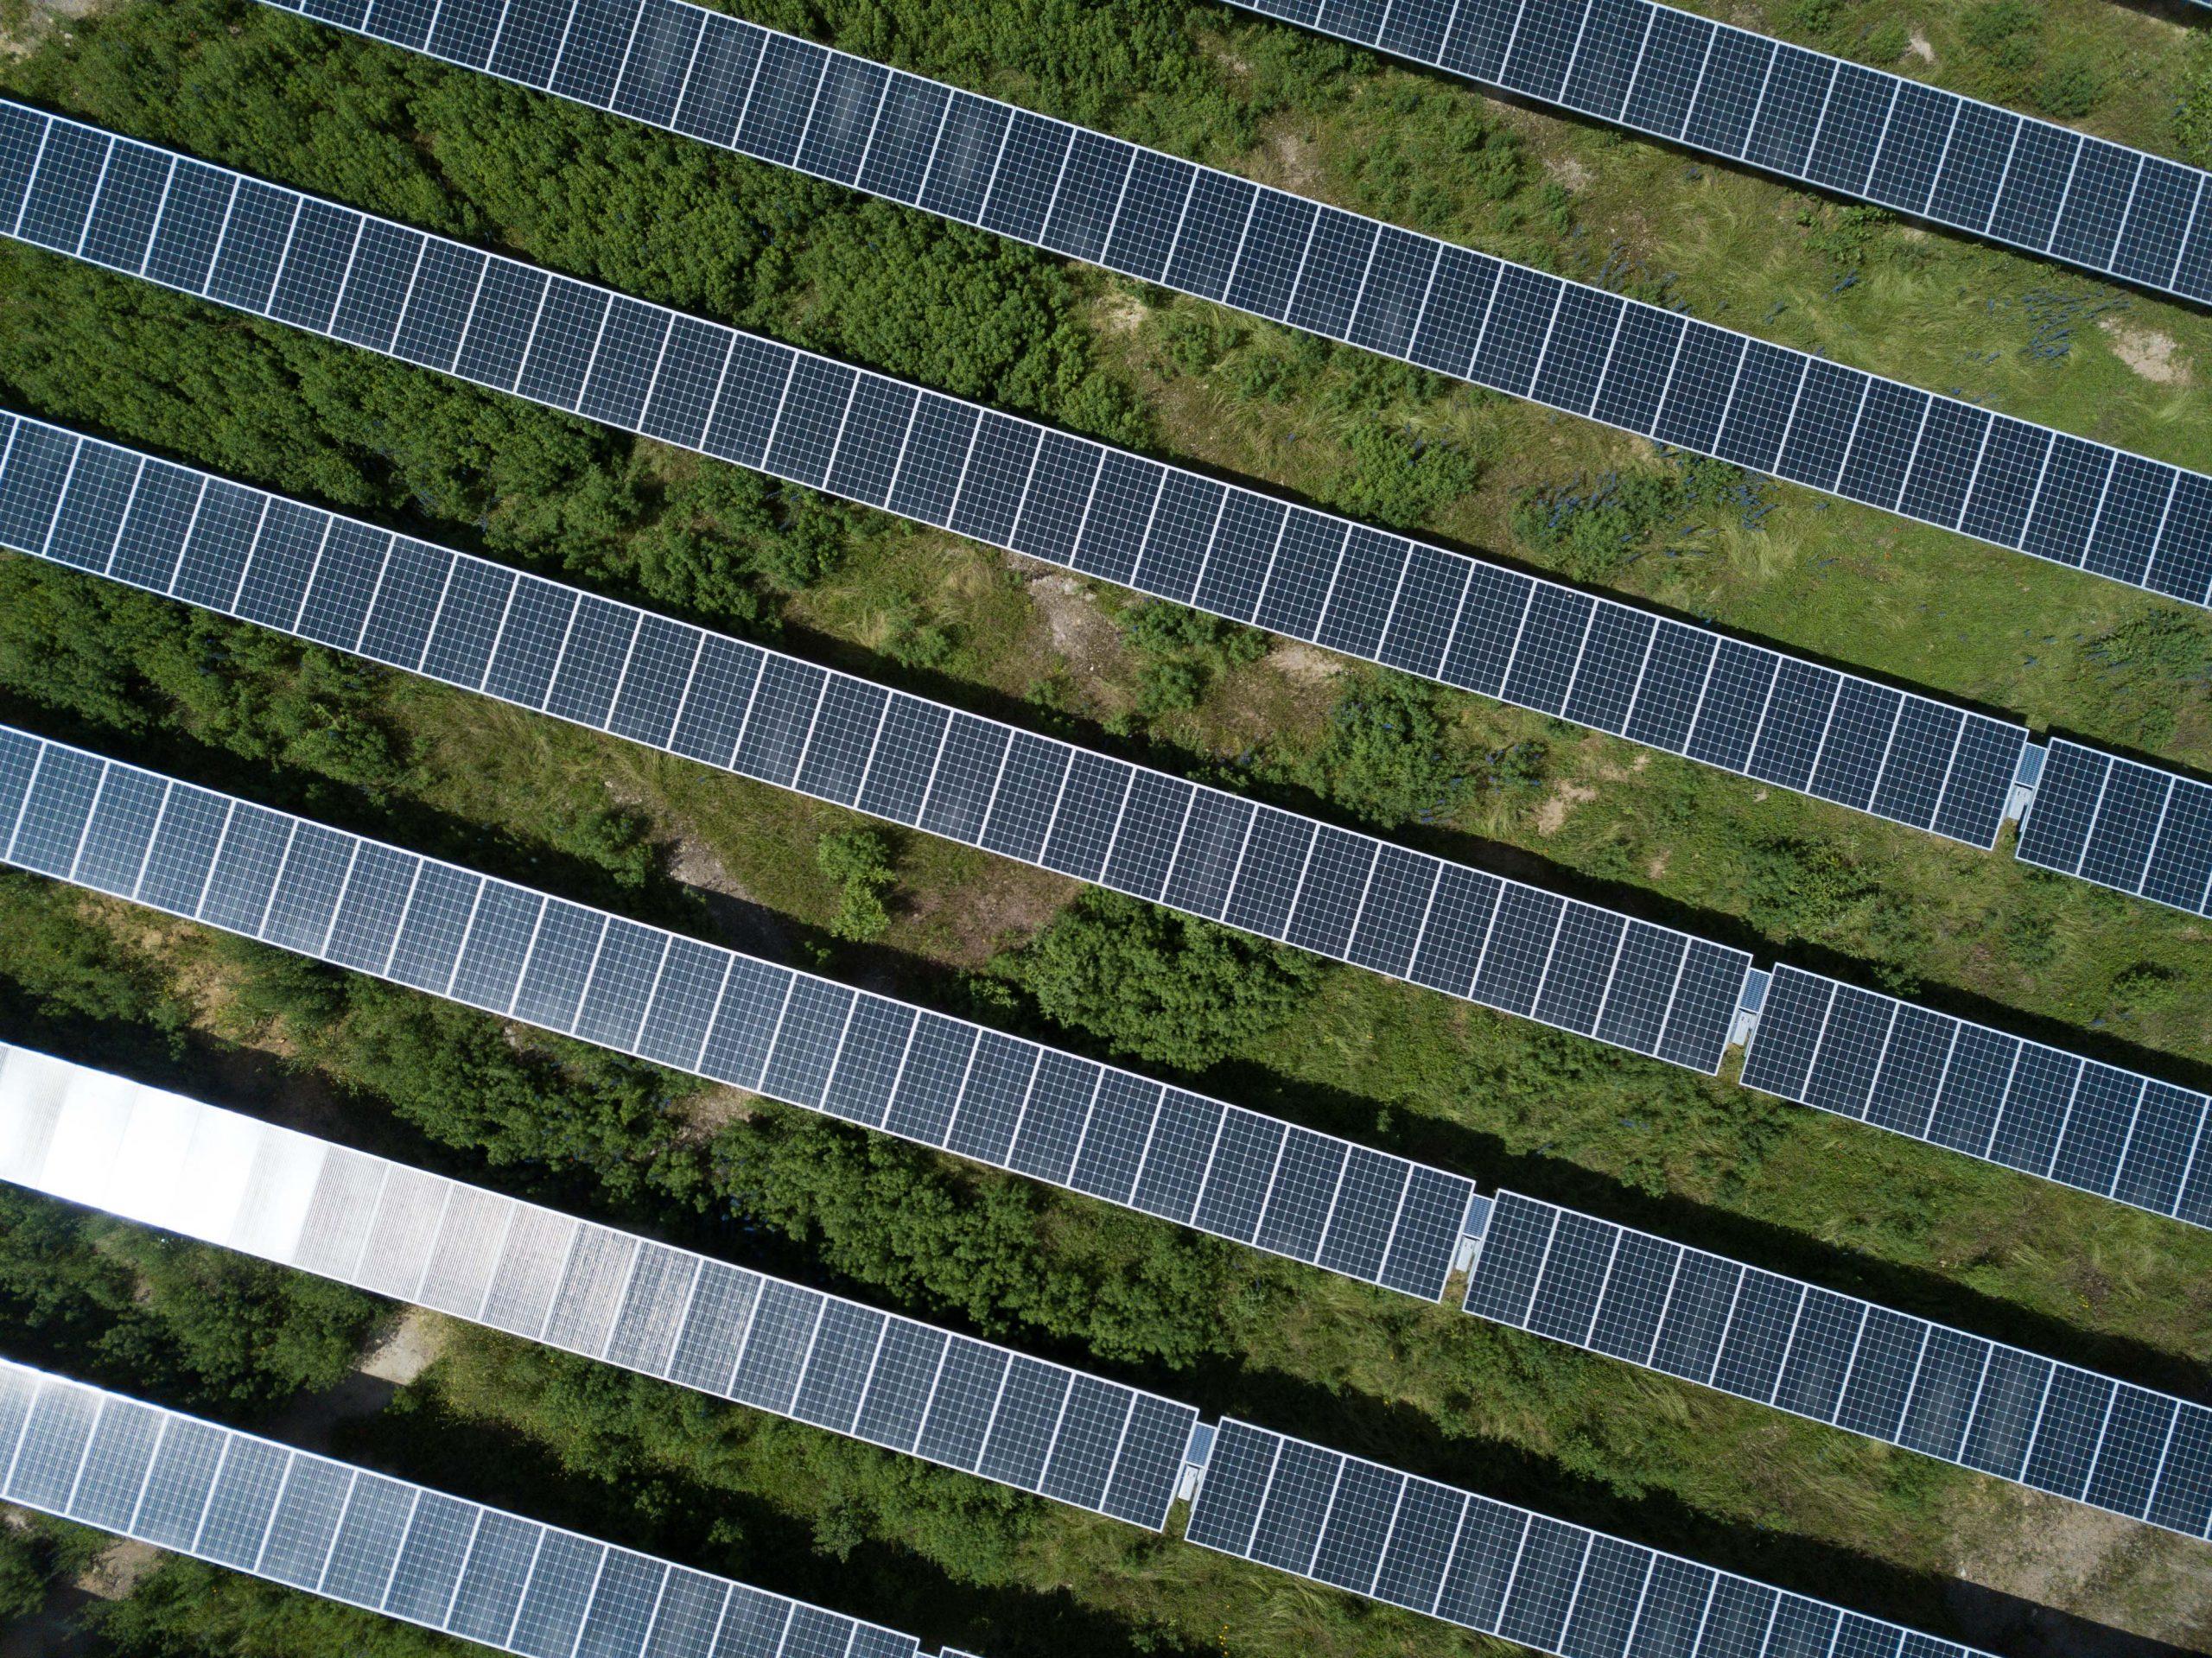 Installation solaire au sol vue du ciel en gros plan